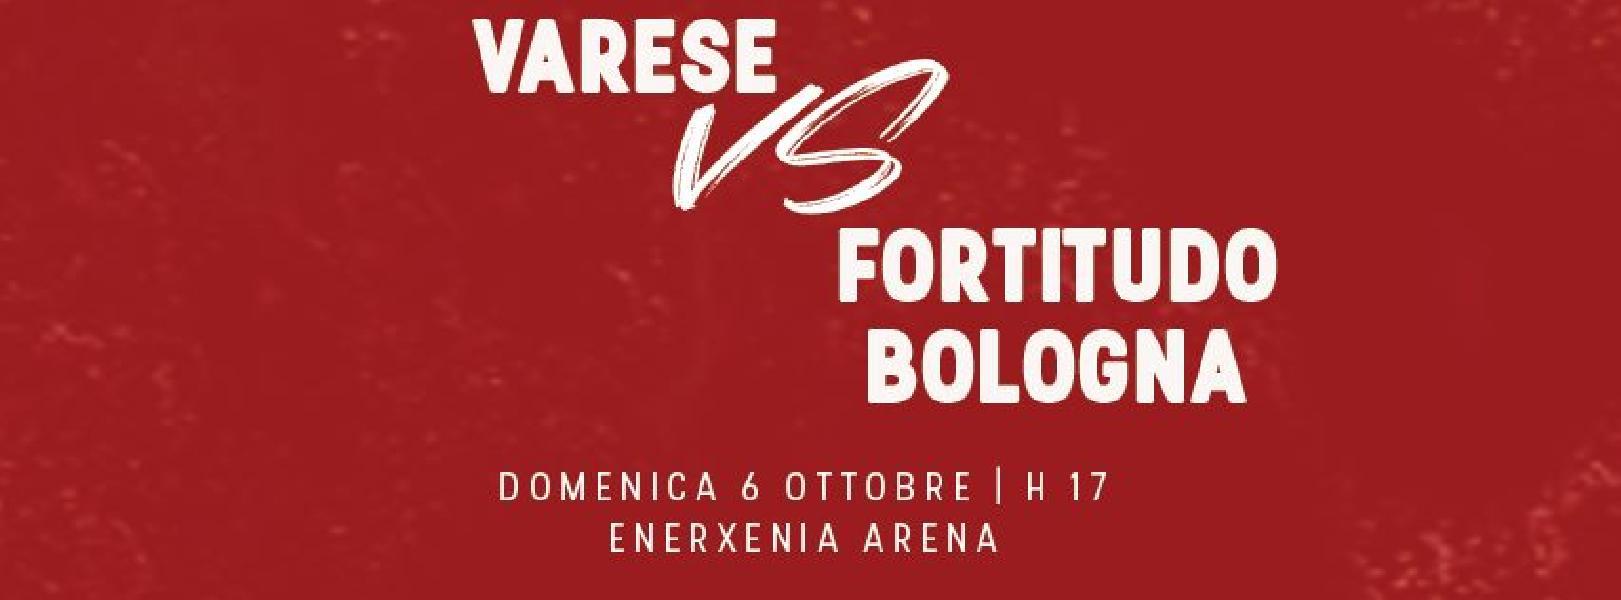 https://www.basketmarche.it/immagini_articoli/04-10-2019/pallacanestro-varese-fortitudo-bologna-trasferta-vietata-residenti-provincia-bologna-600.jpg